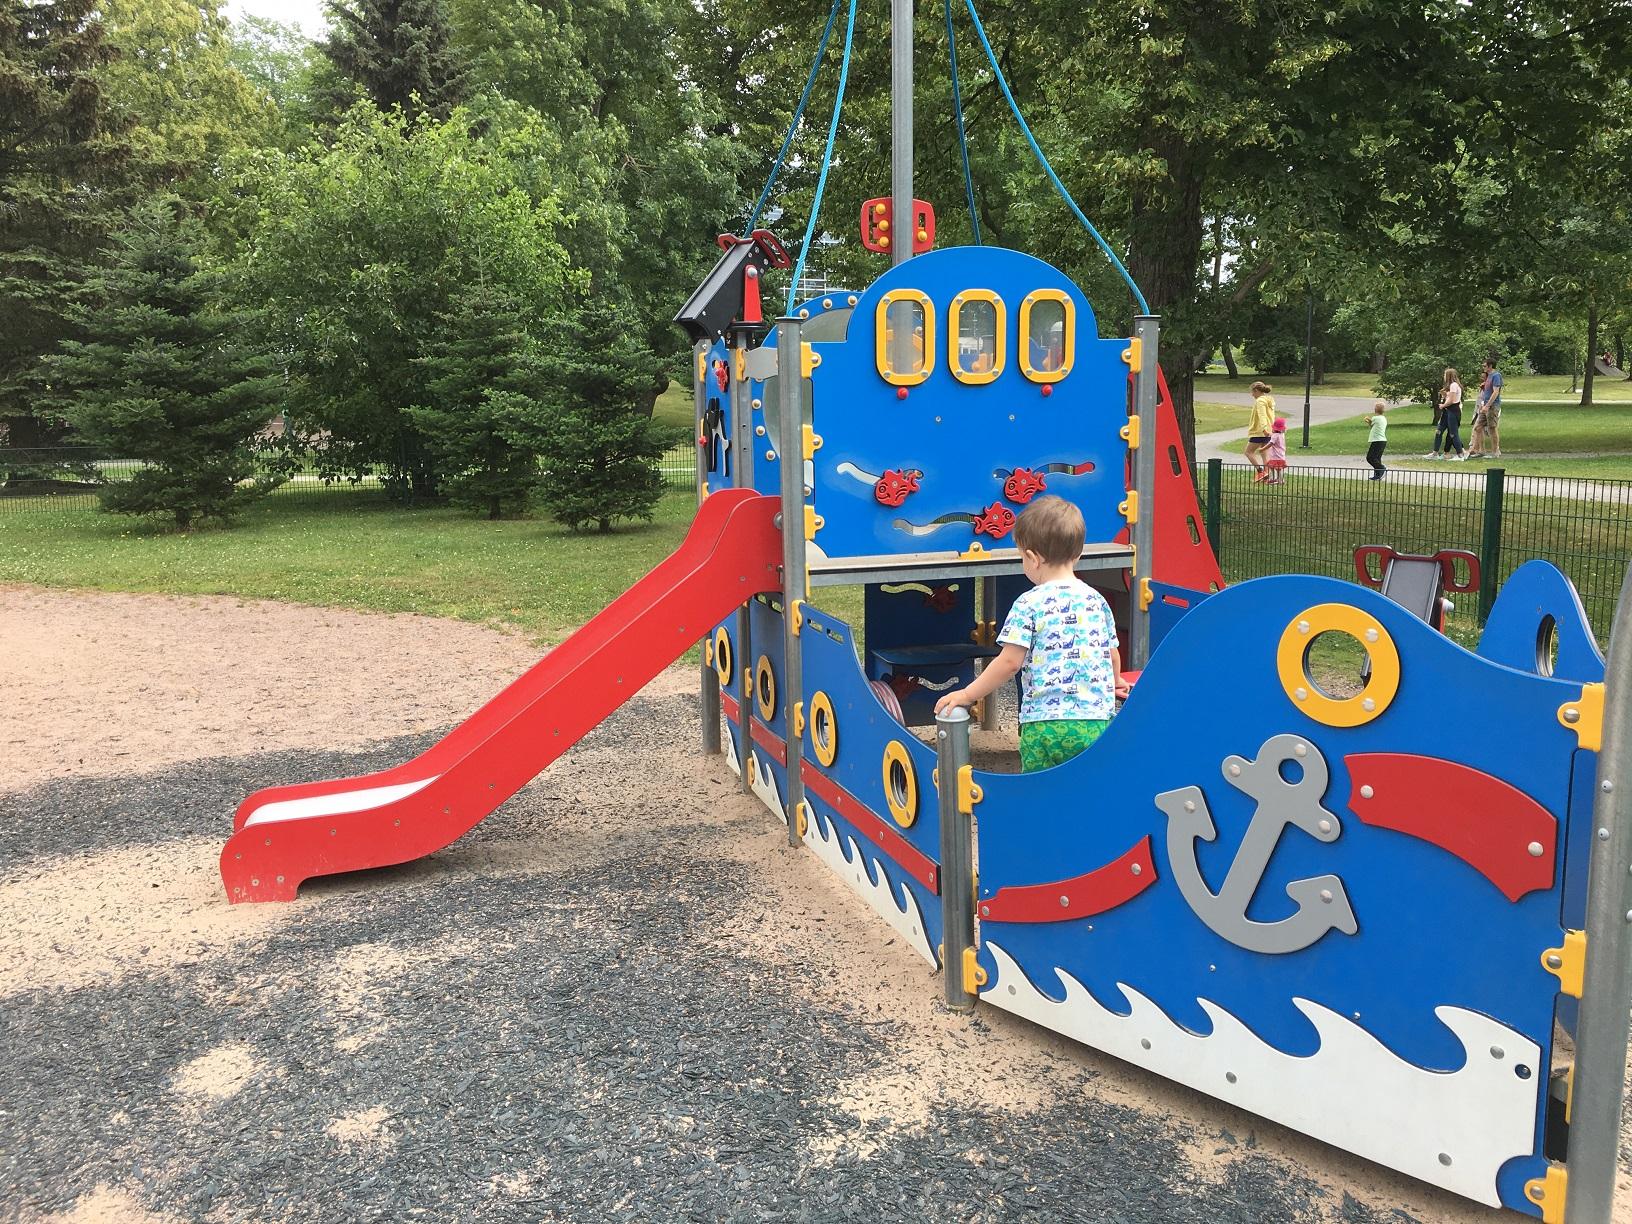 Seikkailupuisto Turku - ein Paradies für Kinder